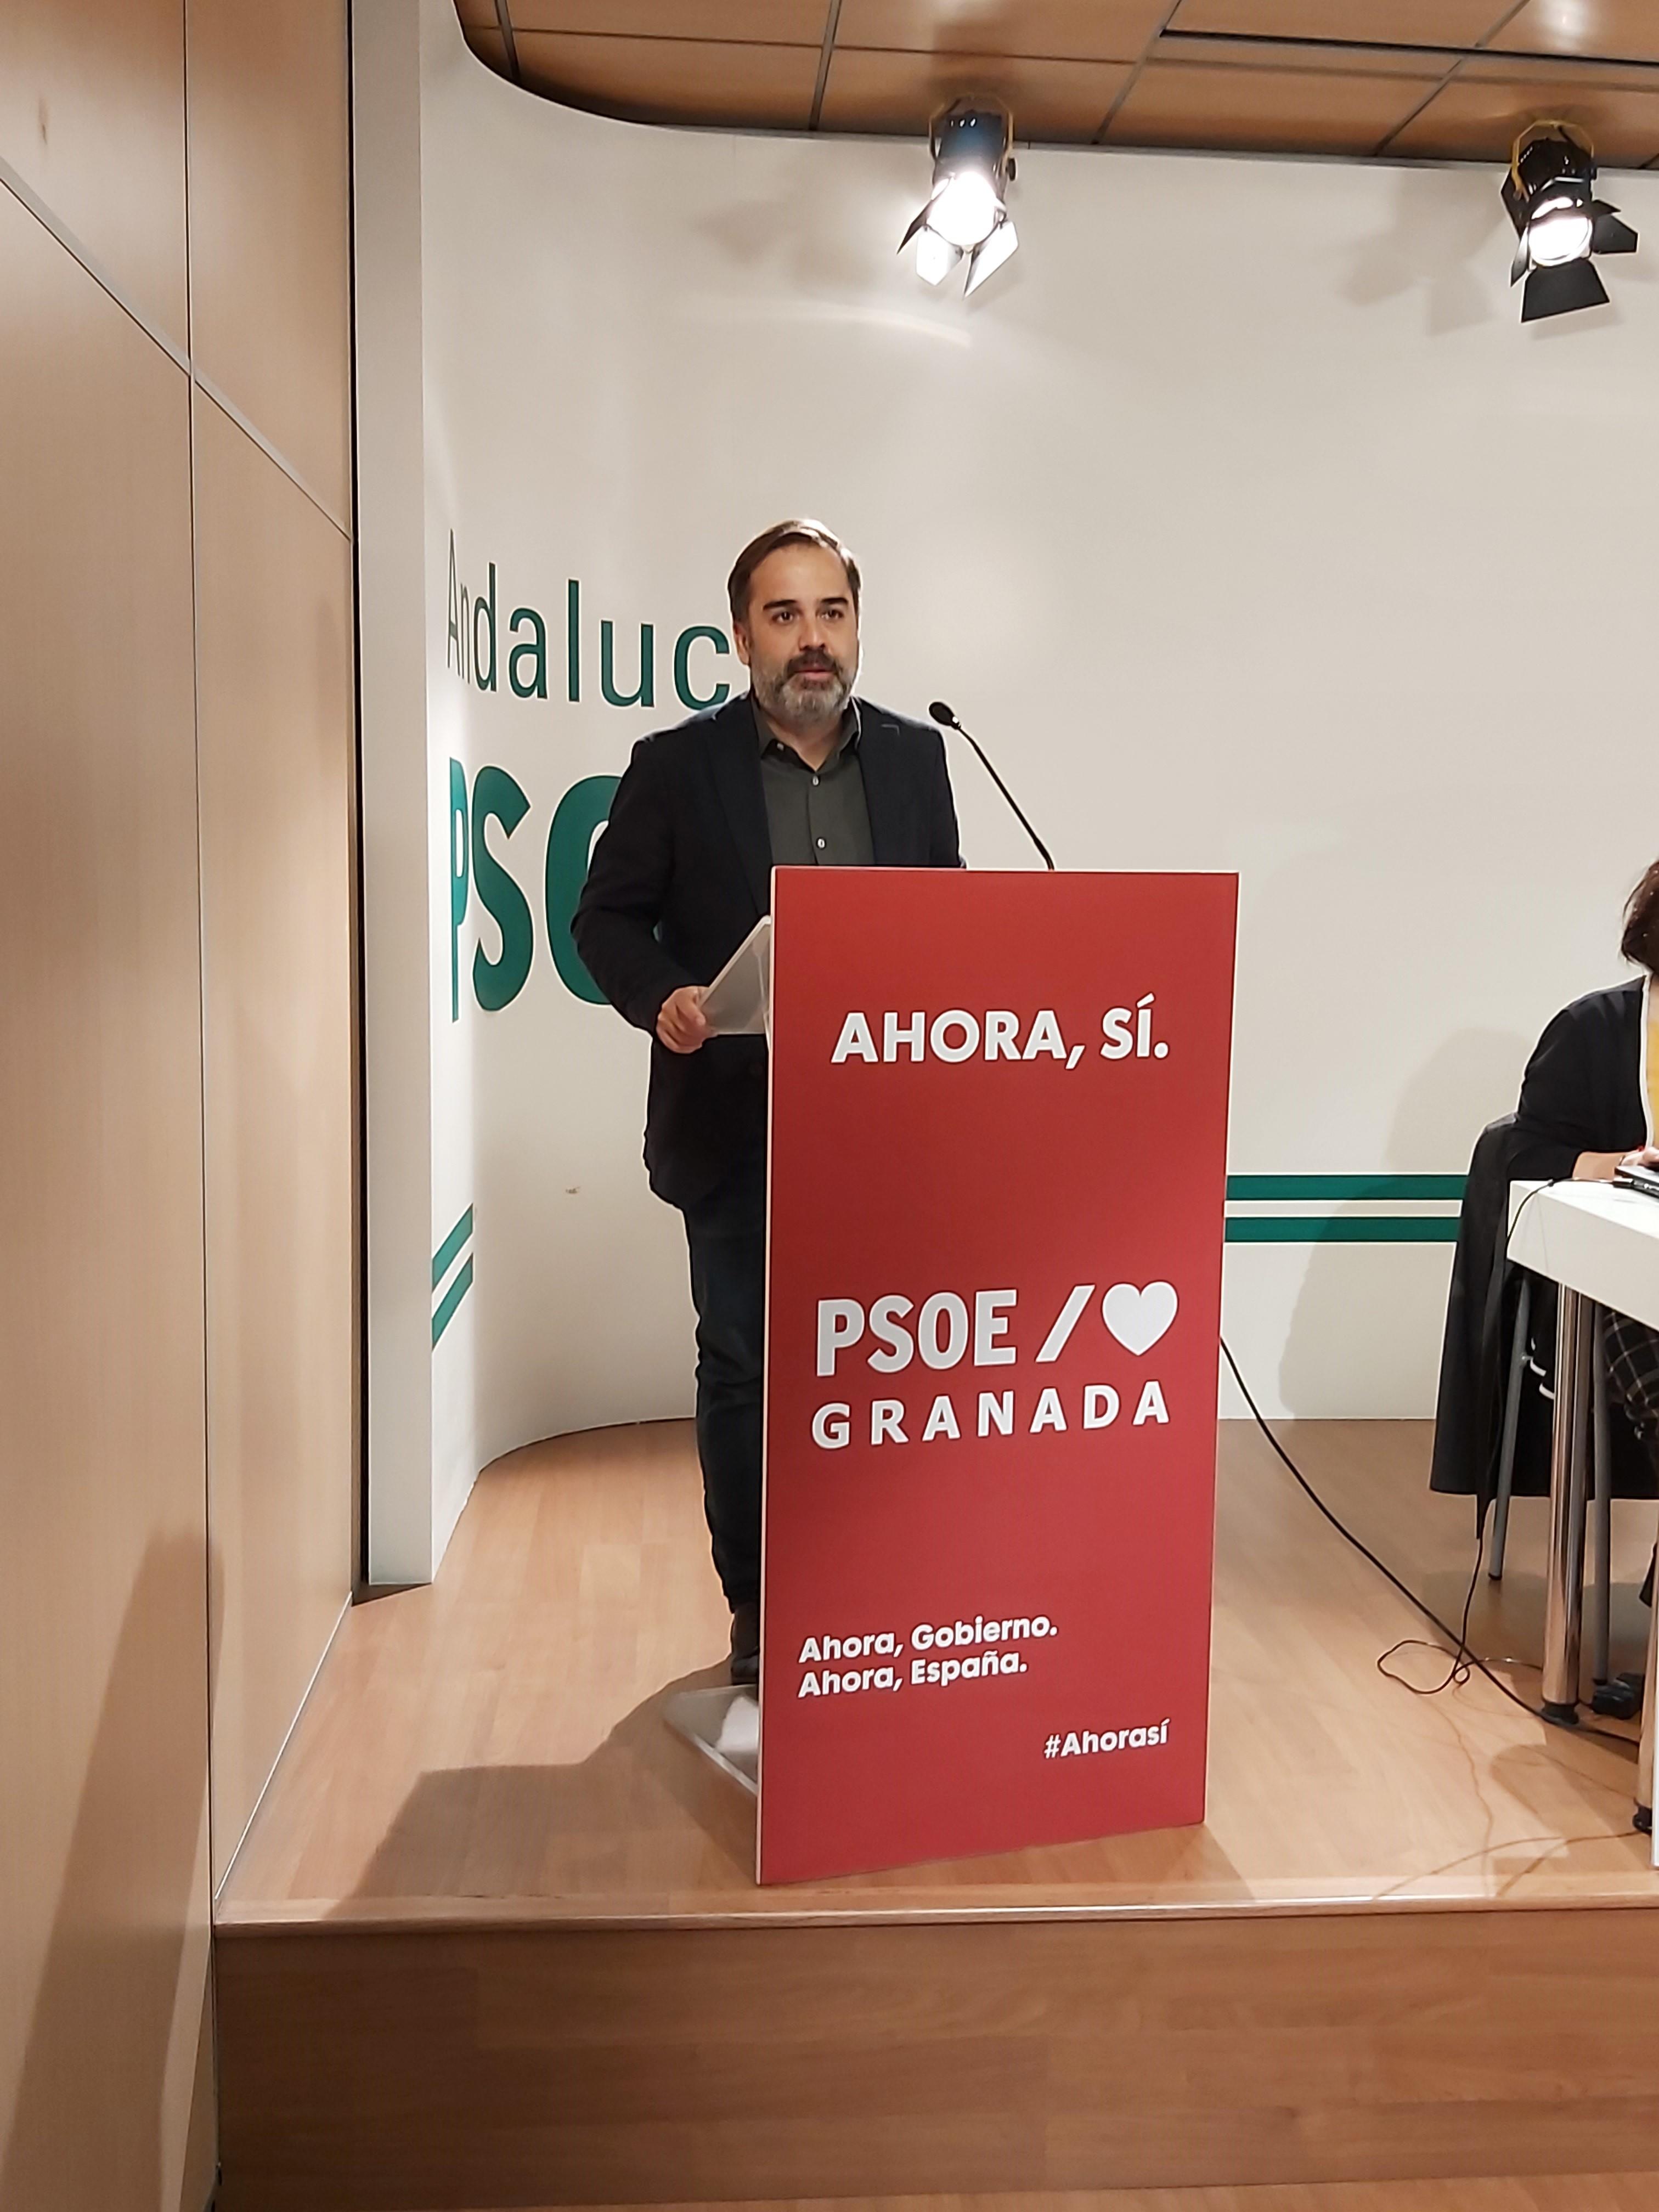 El PSOE considera que Luis Salvador es un irresponsable por sugerir un contagio masivo en Granada